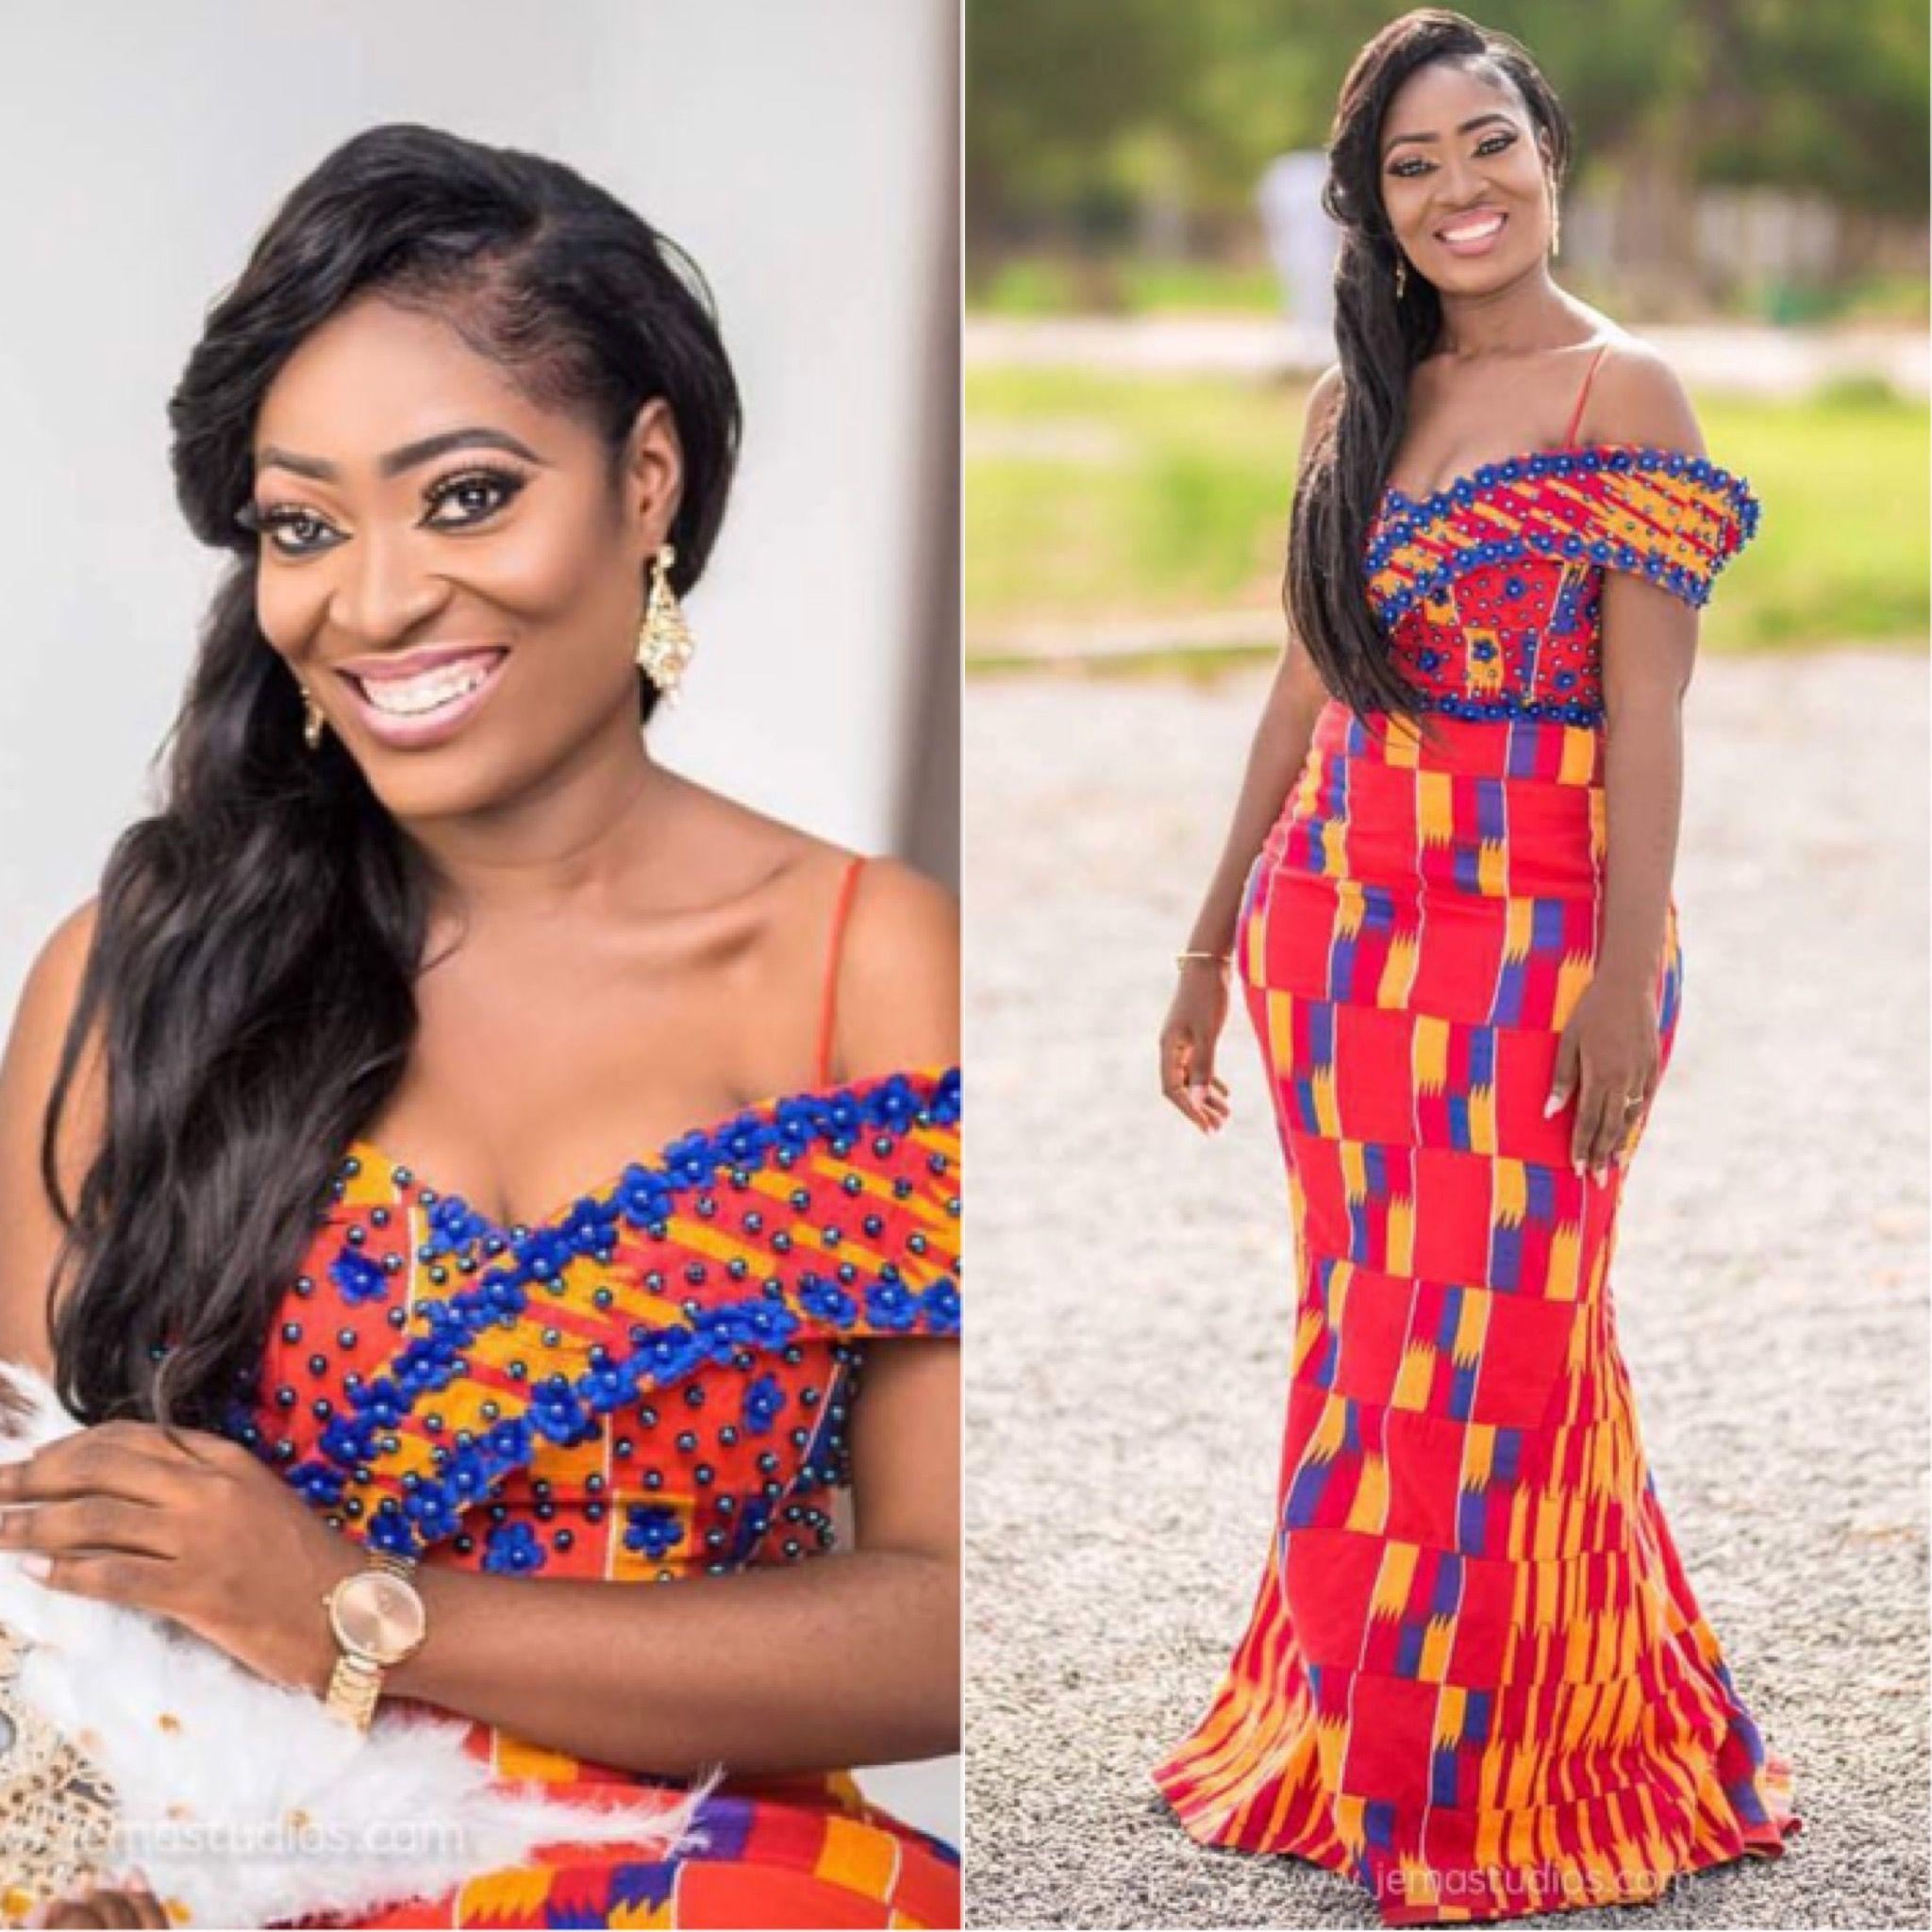 Pingl par christiana a aboagye sur women 39 s fashion for Styles de robes africaines pour mariage